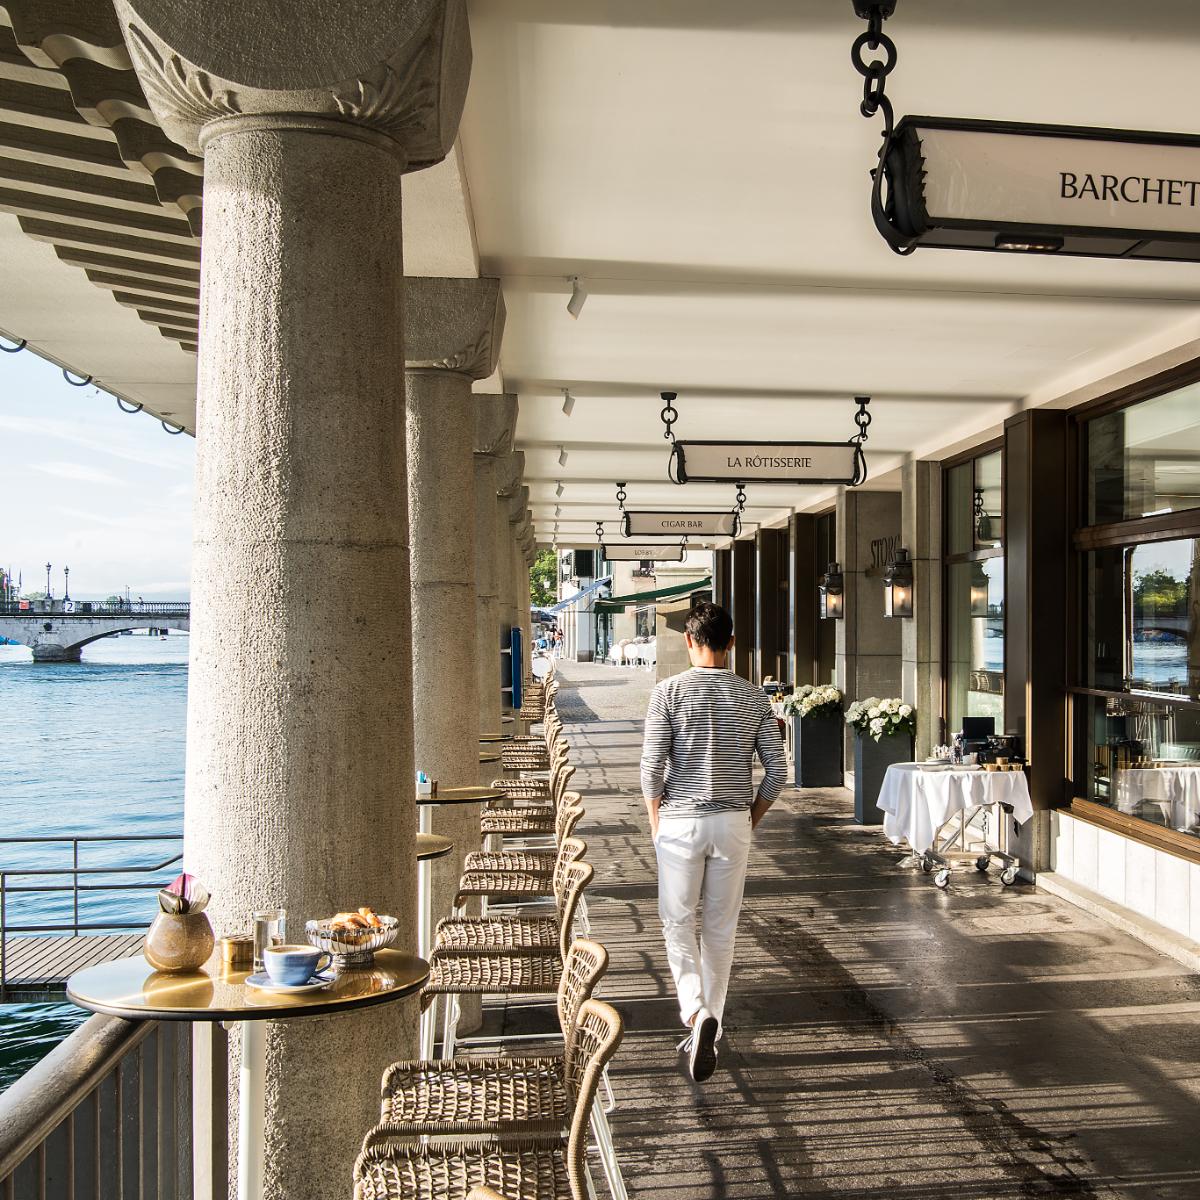 Barchetta Bar Zuerich an der Limmat  (2)